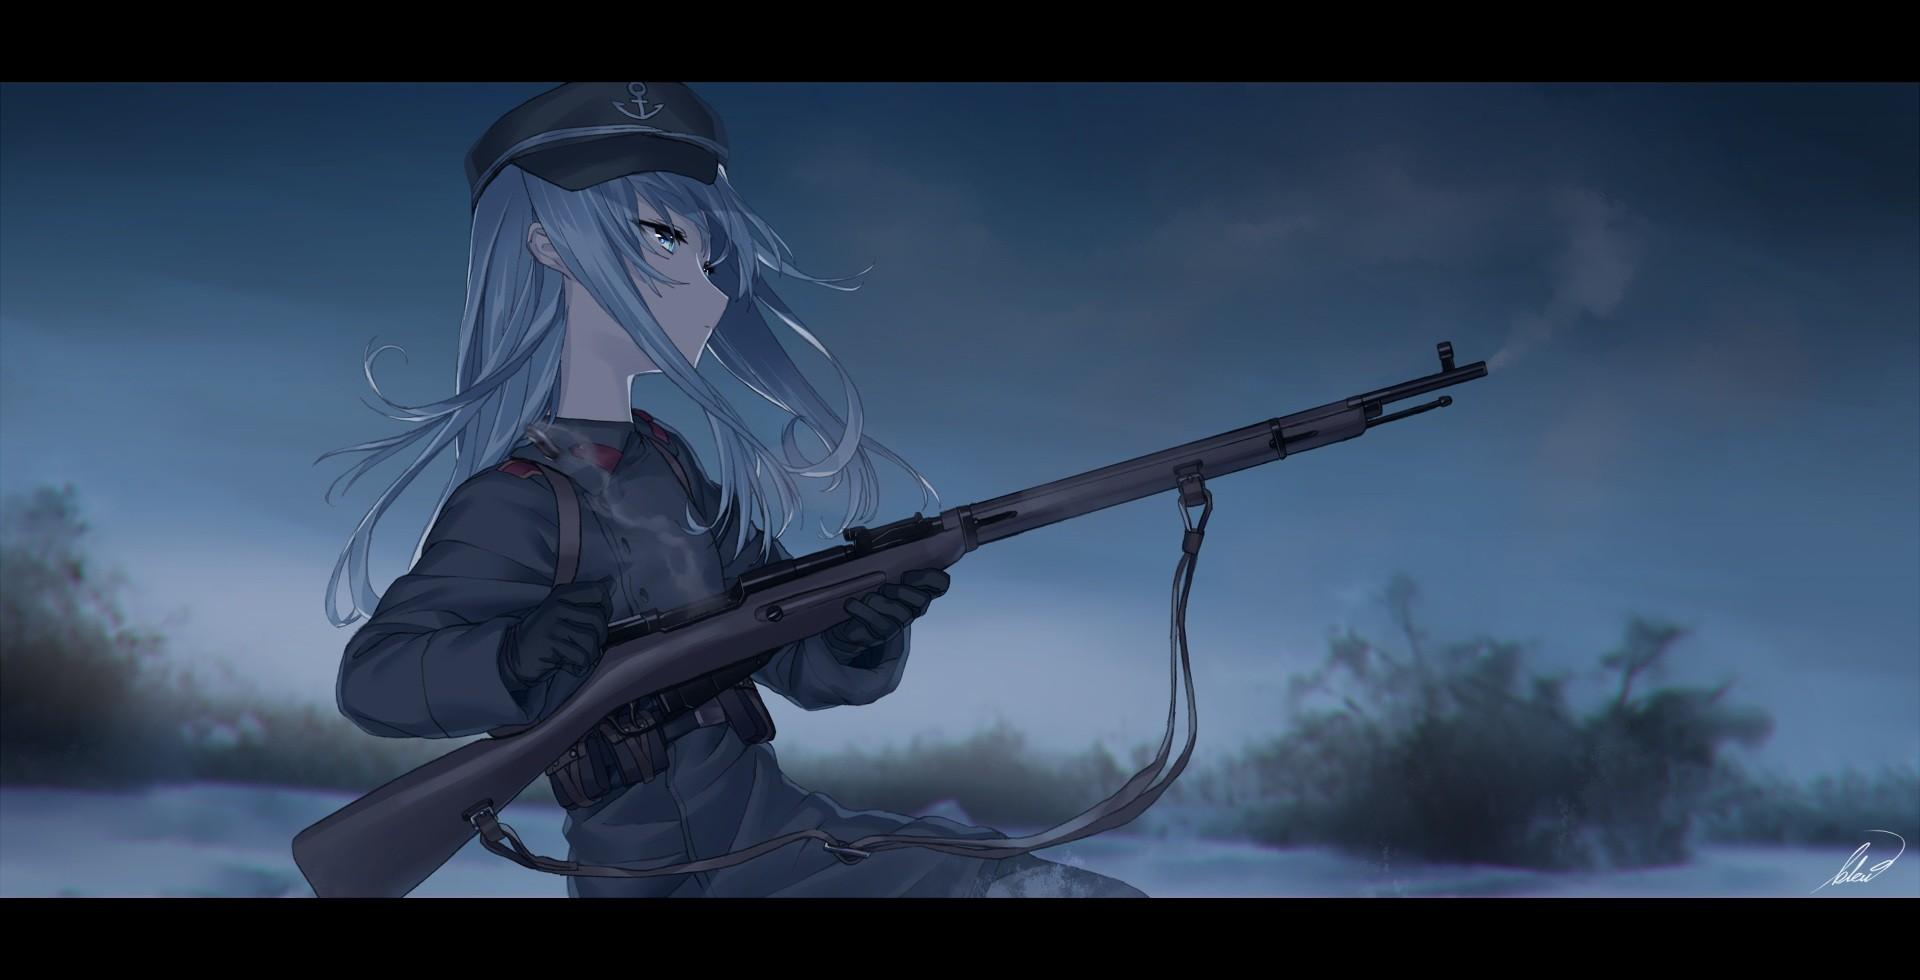 デスクトップ壁紙 銃 長い髪 アニメの女の子 武器 兵士 関タイ